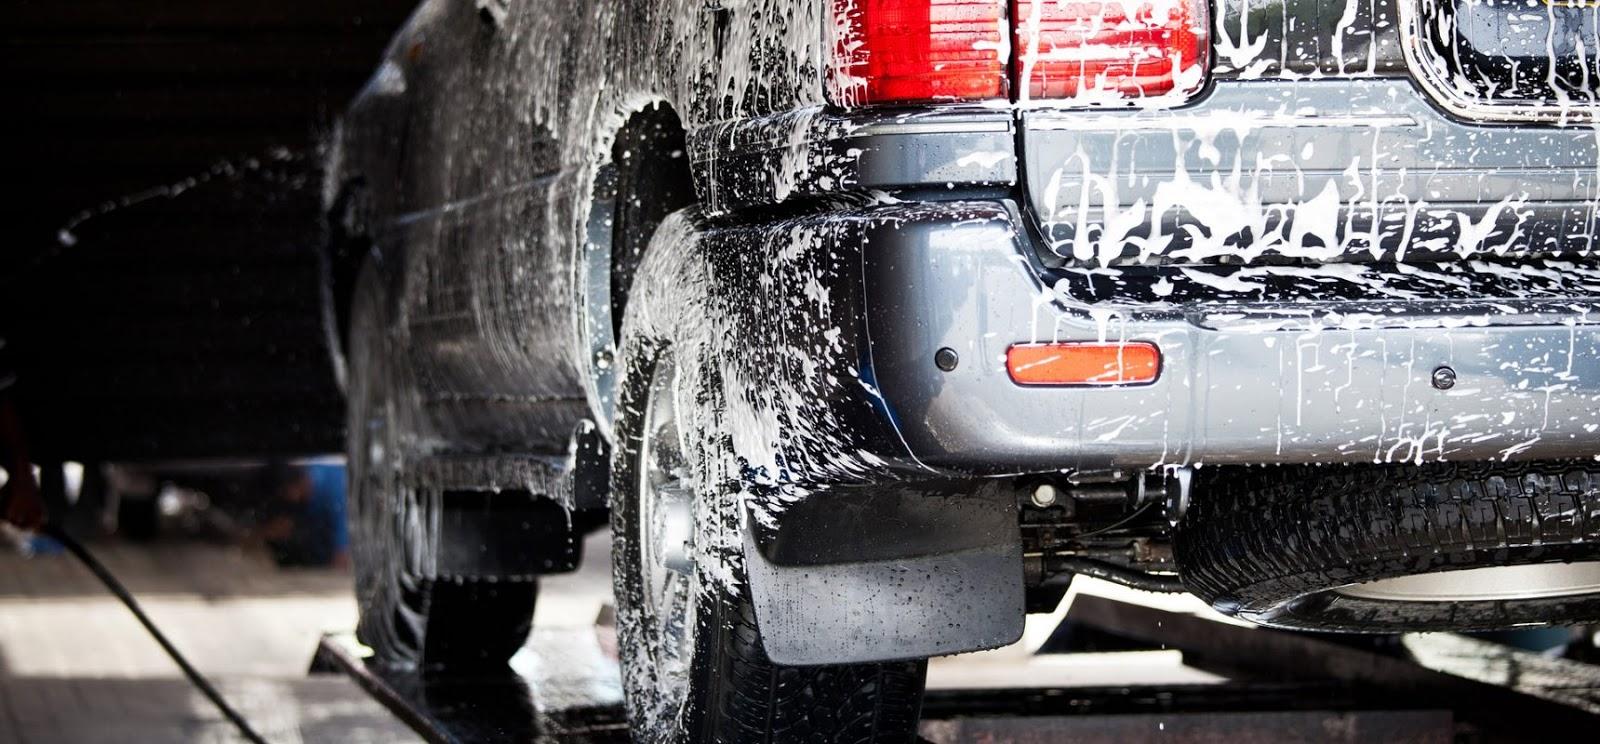 bộ đồ nghề rửa xe ô tô